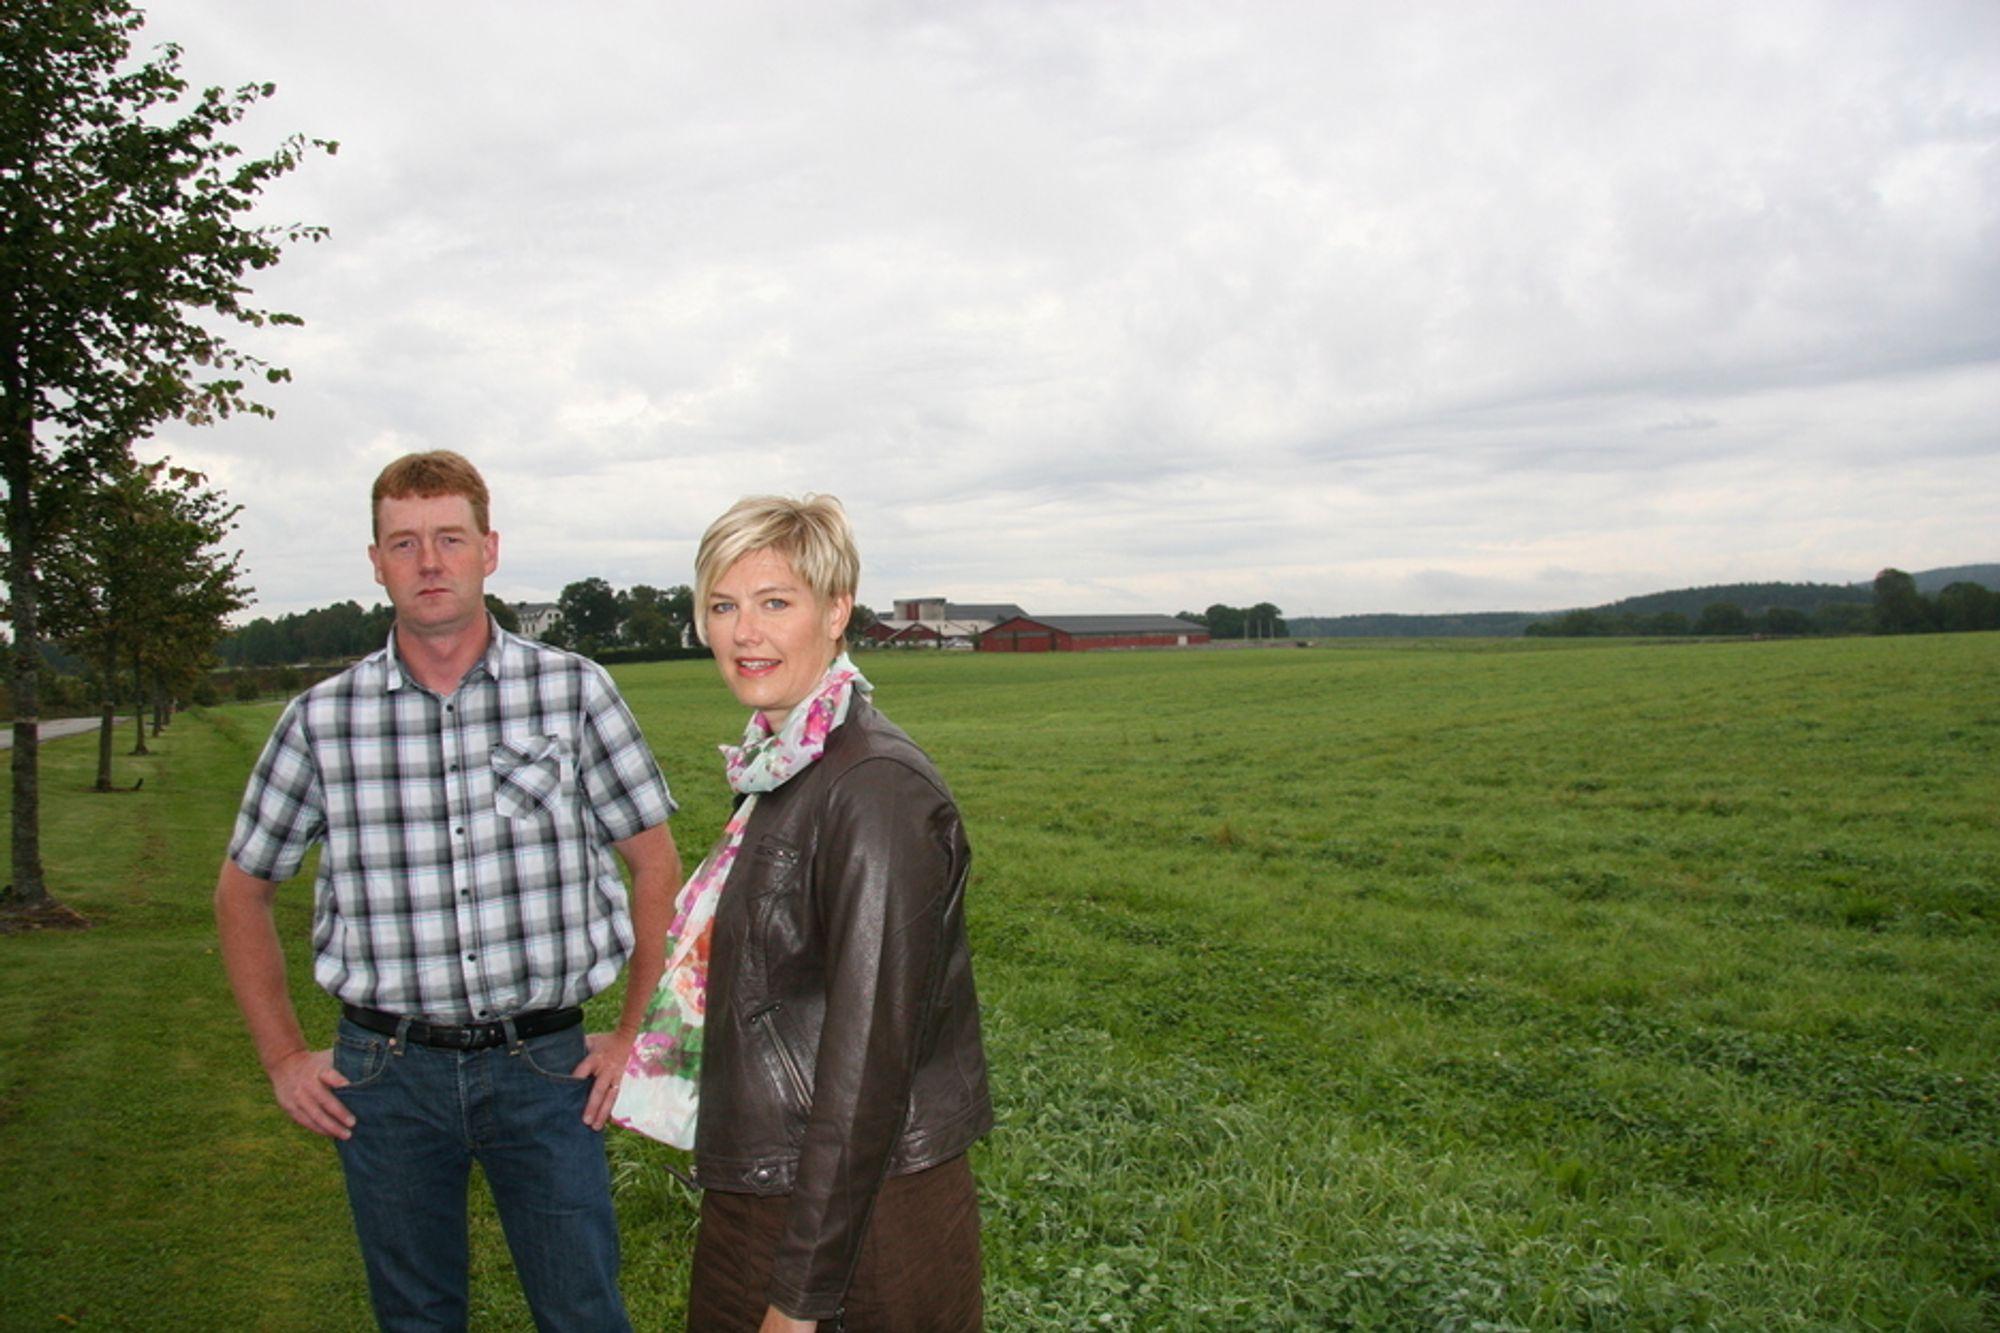 FRUSTERT: - Det er ingen som vet noe som helst, sier Bjørn Gimming, leder i Østfold Bondelag. Her sammen med organisasjonssjef  Nina Glomsrud Saxrud.